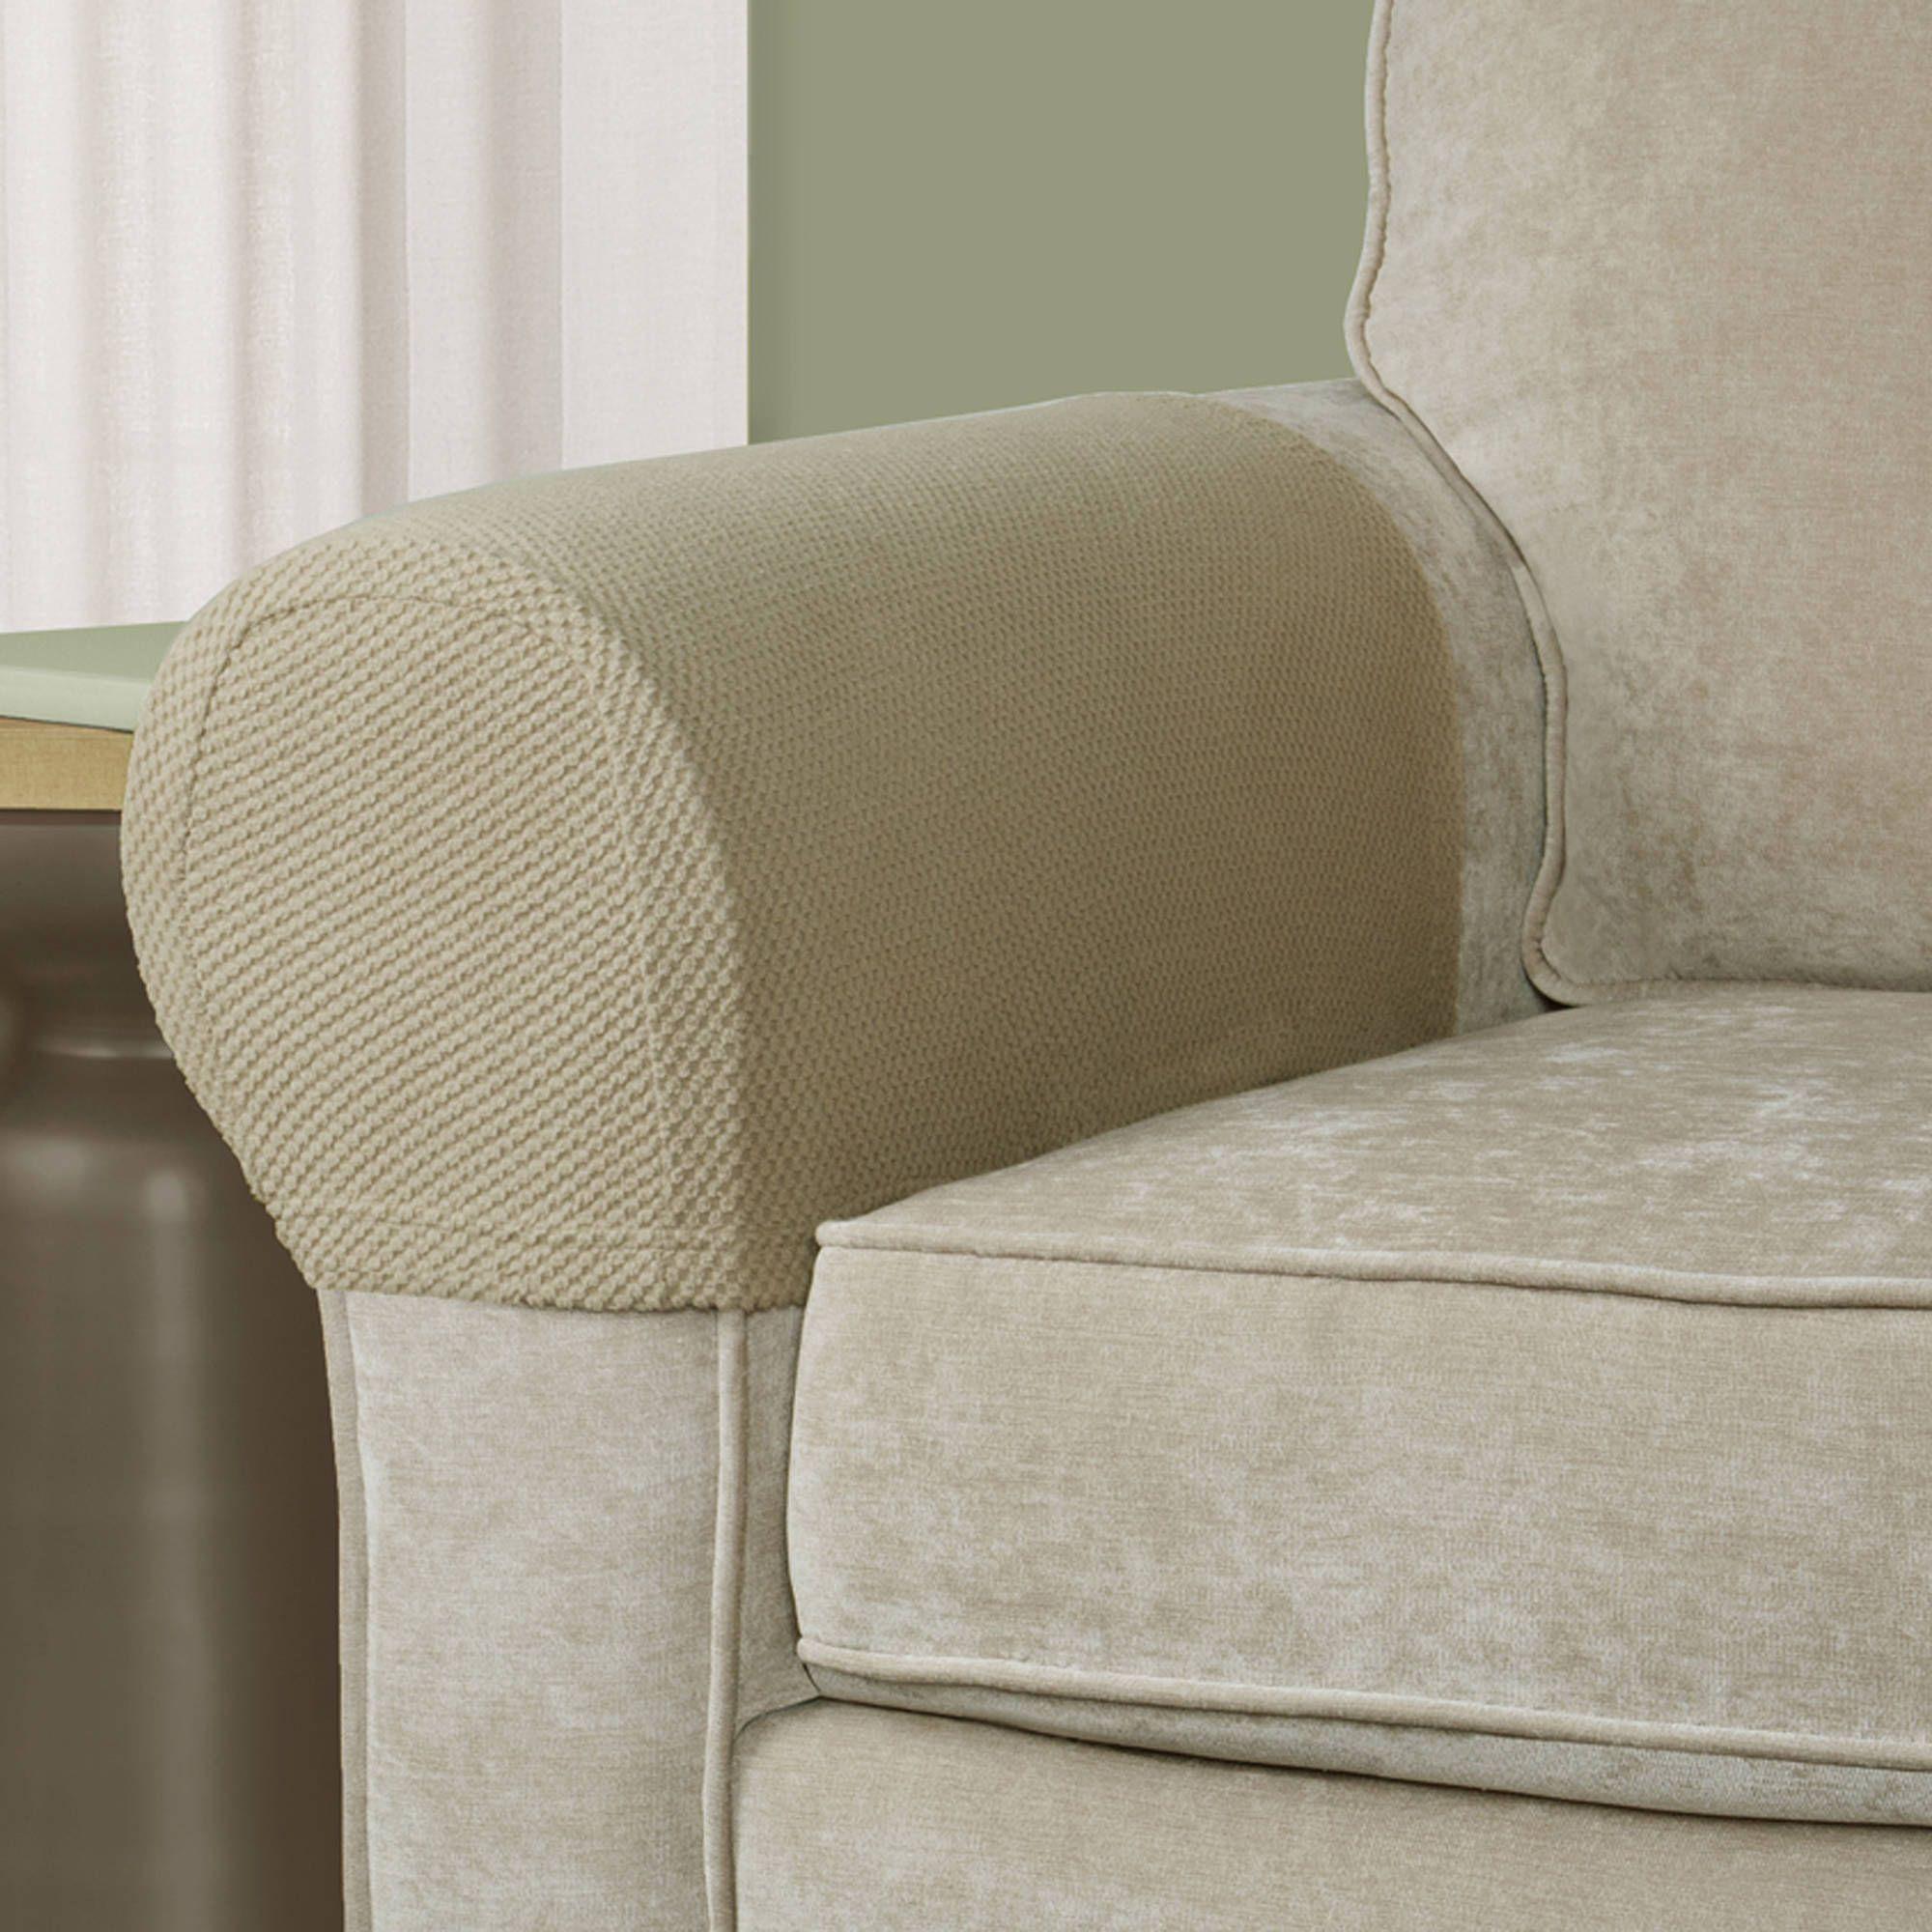 Classic Slip Covers Stripe Navy Cotton Twill e Piece